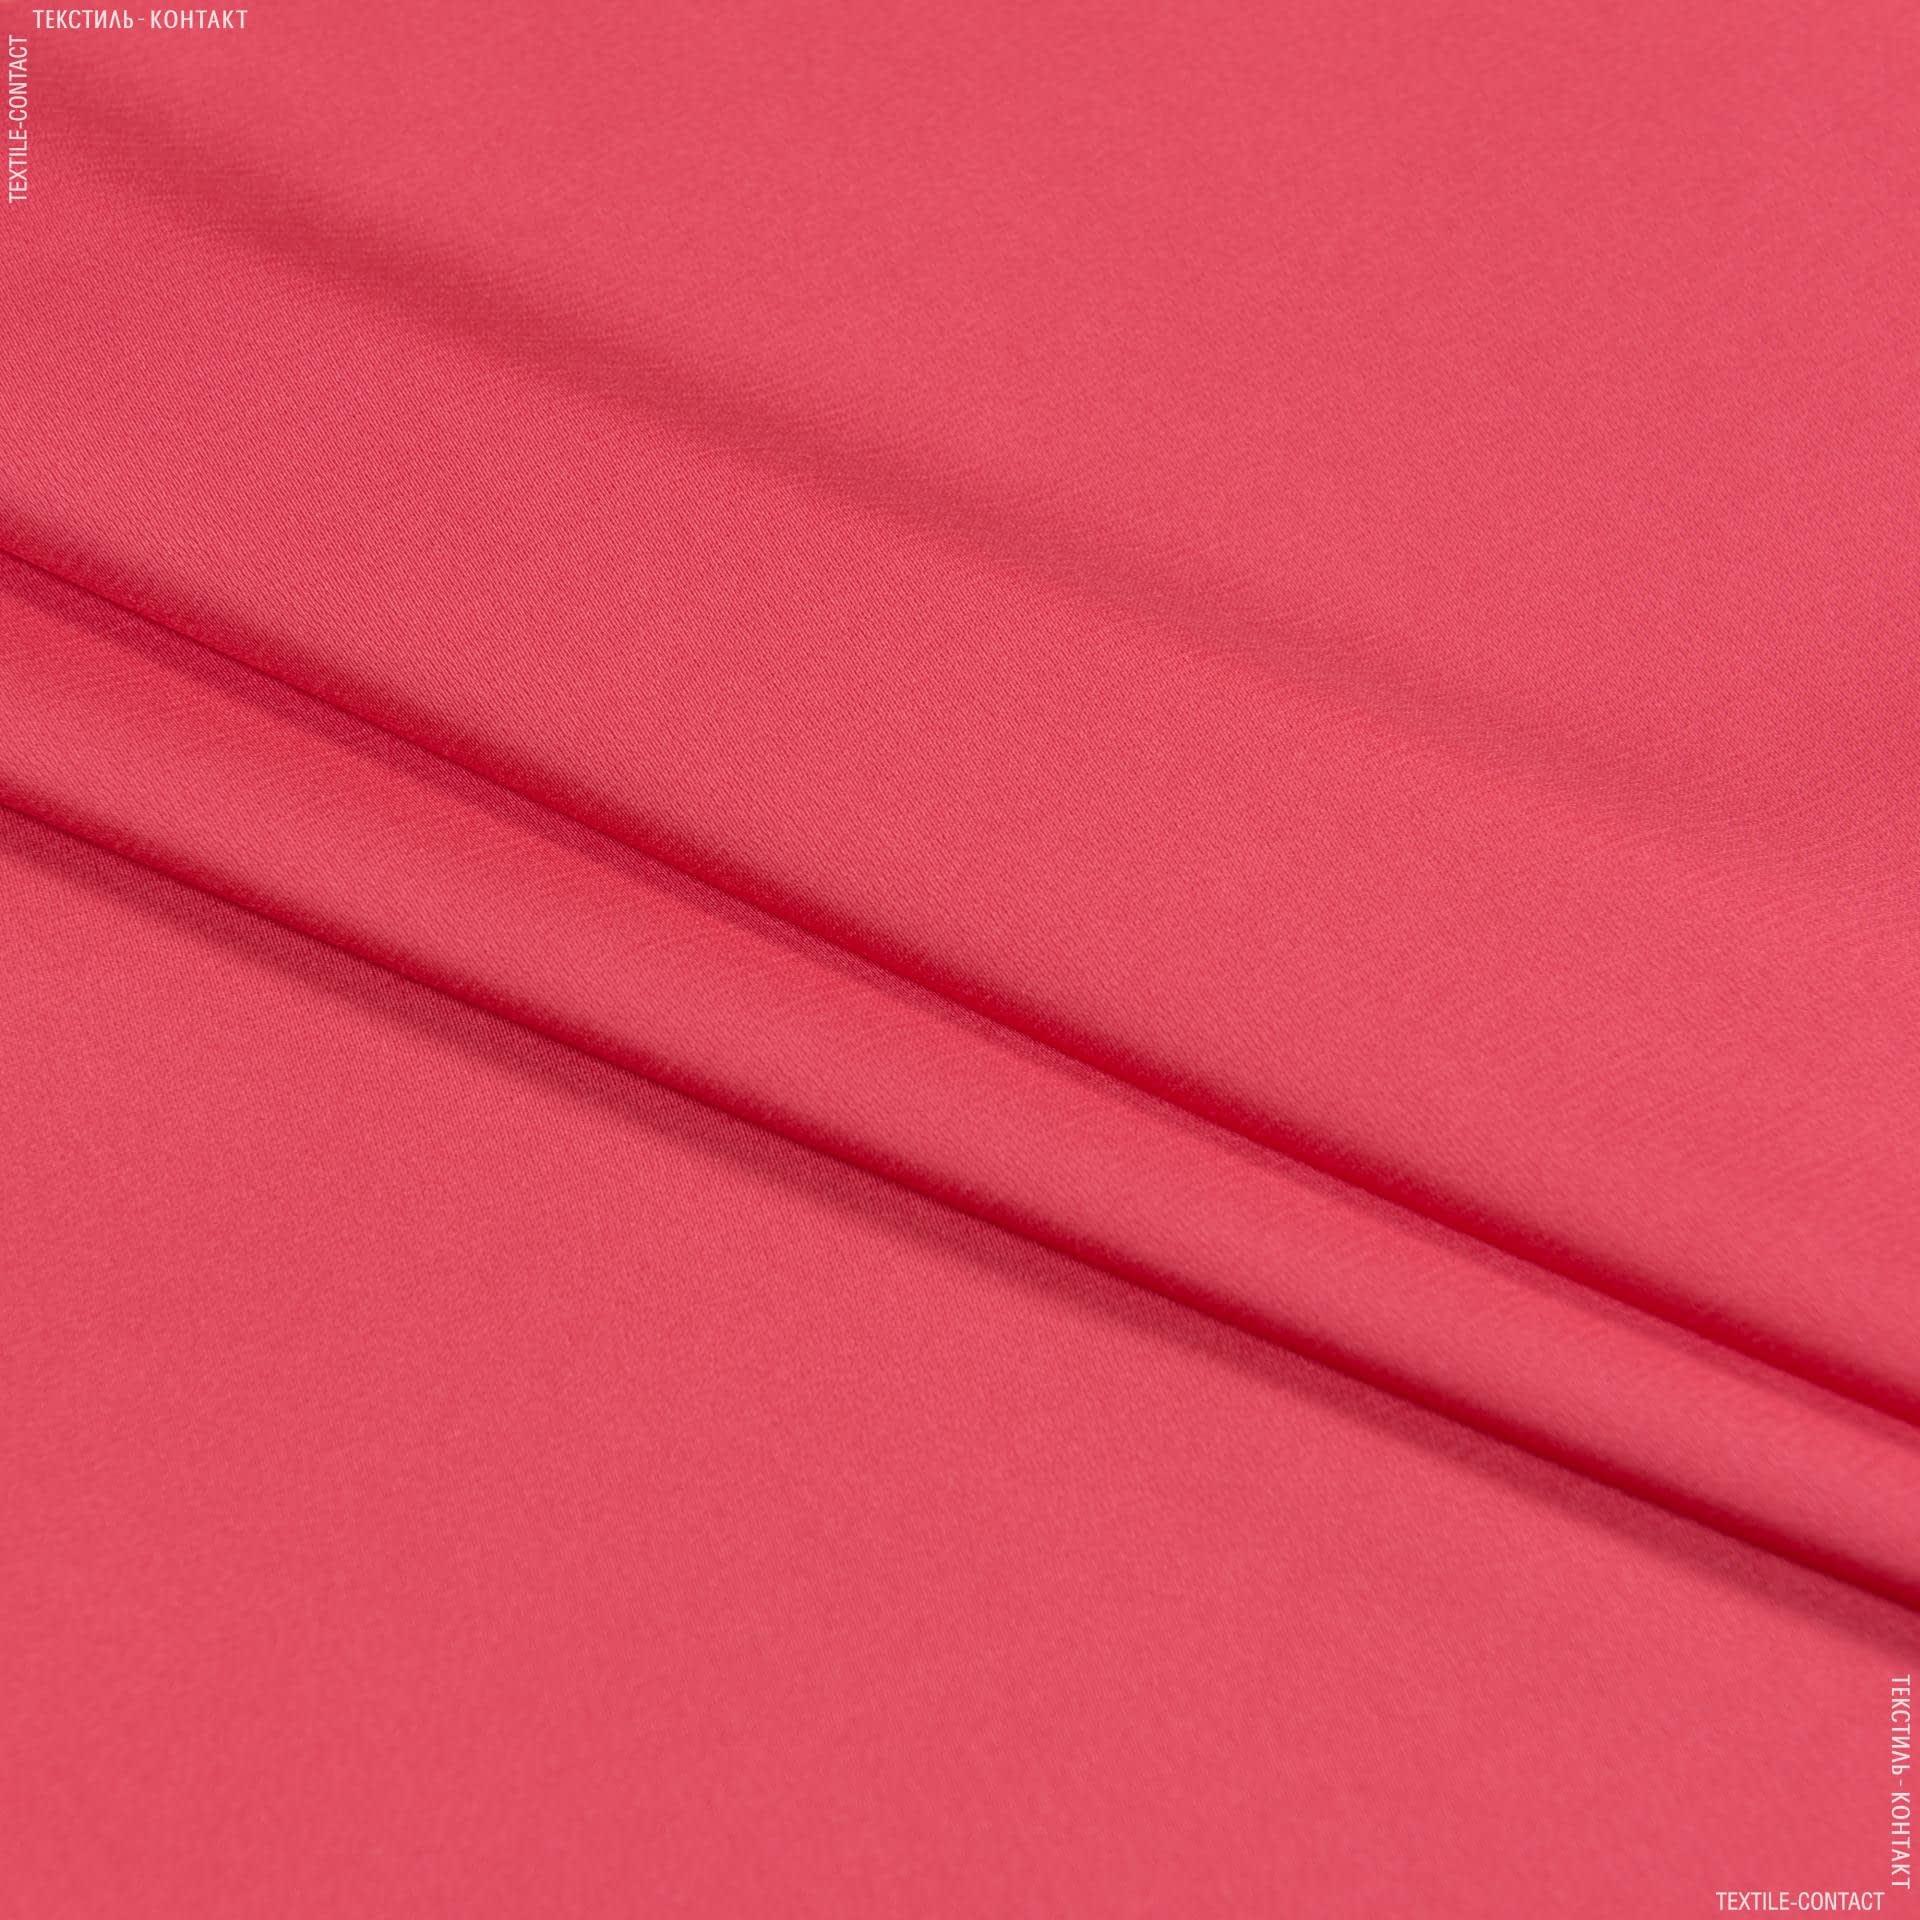 Ткани для платьев - Шелк стрейч матовый коралловый